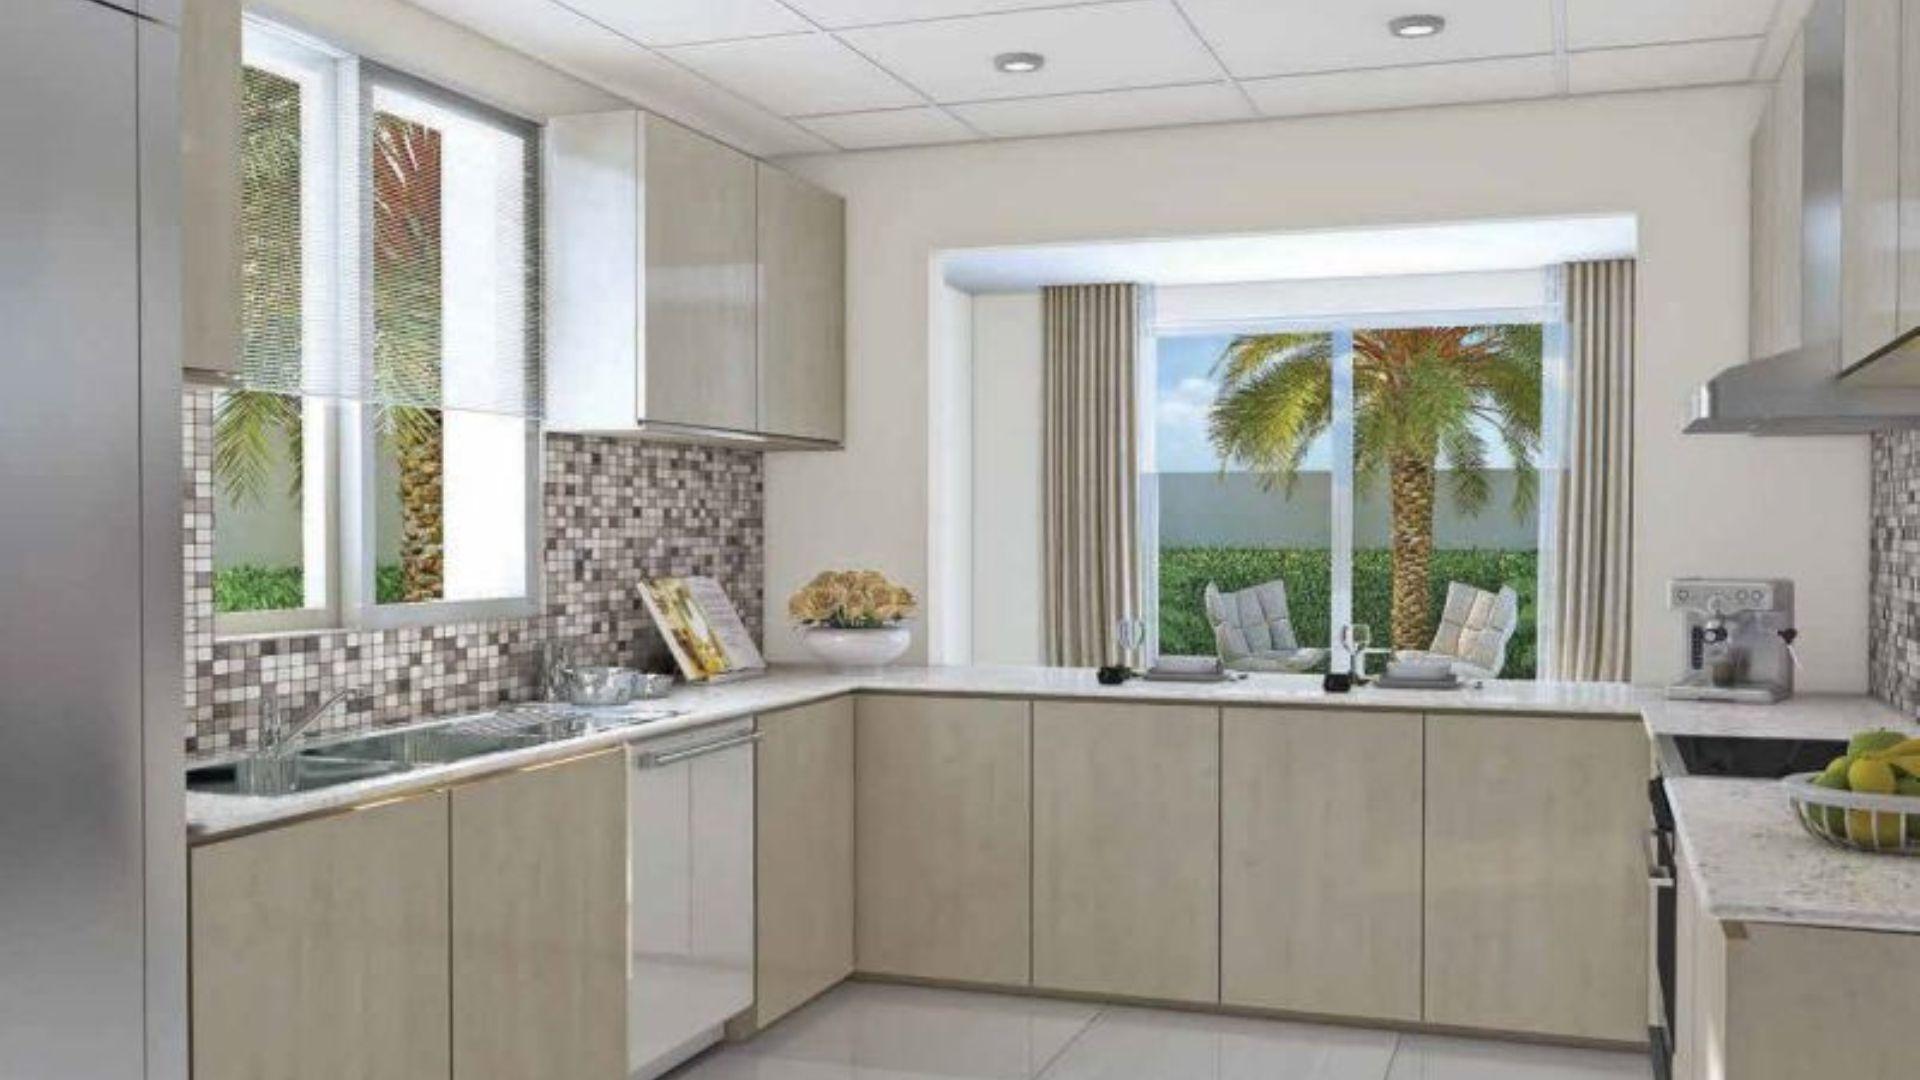 Adosado en venta en Dubai, EAU, 3 dormitorios, 184 m2, № 24438 – foto 2